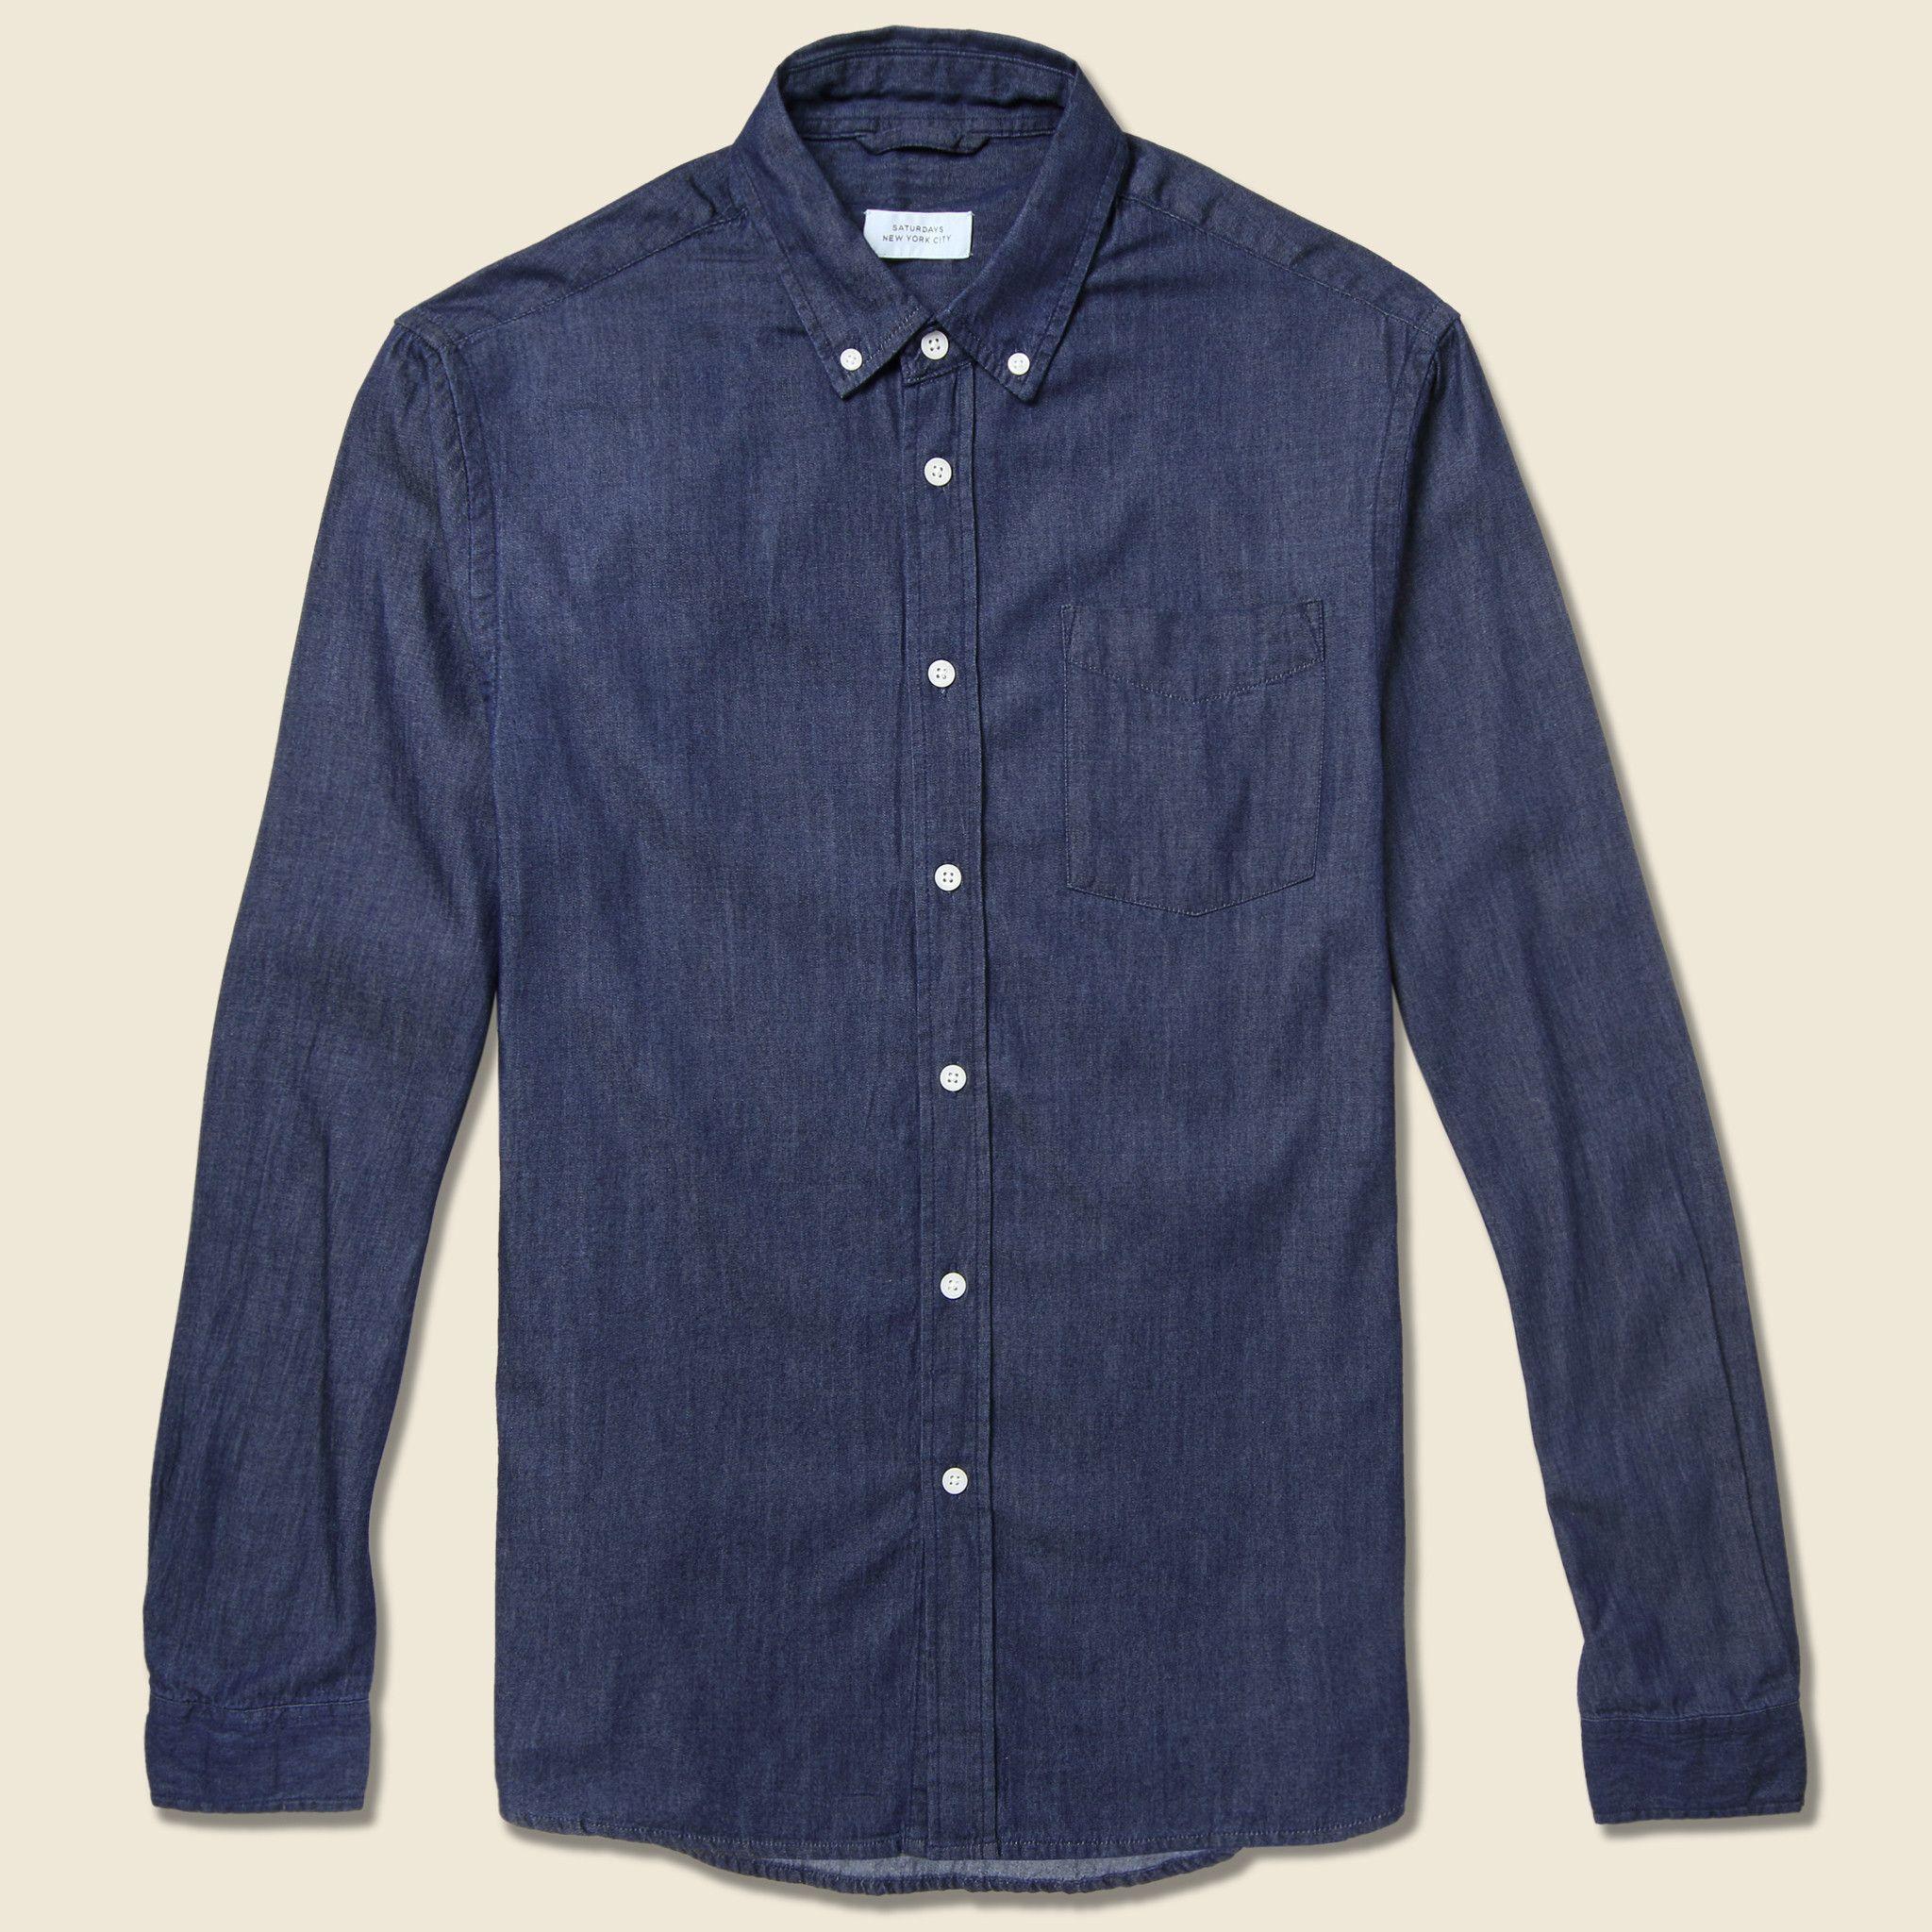 Crosby Oxford Shirt - Indigo